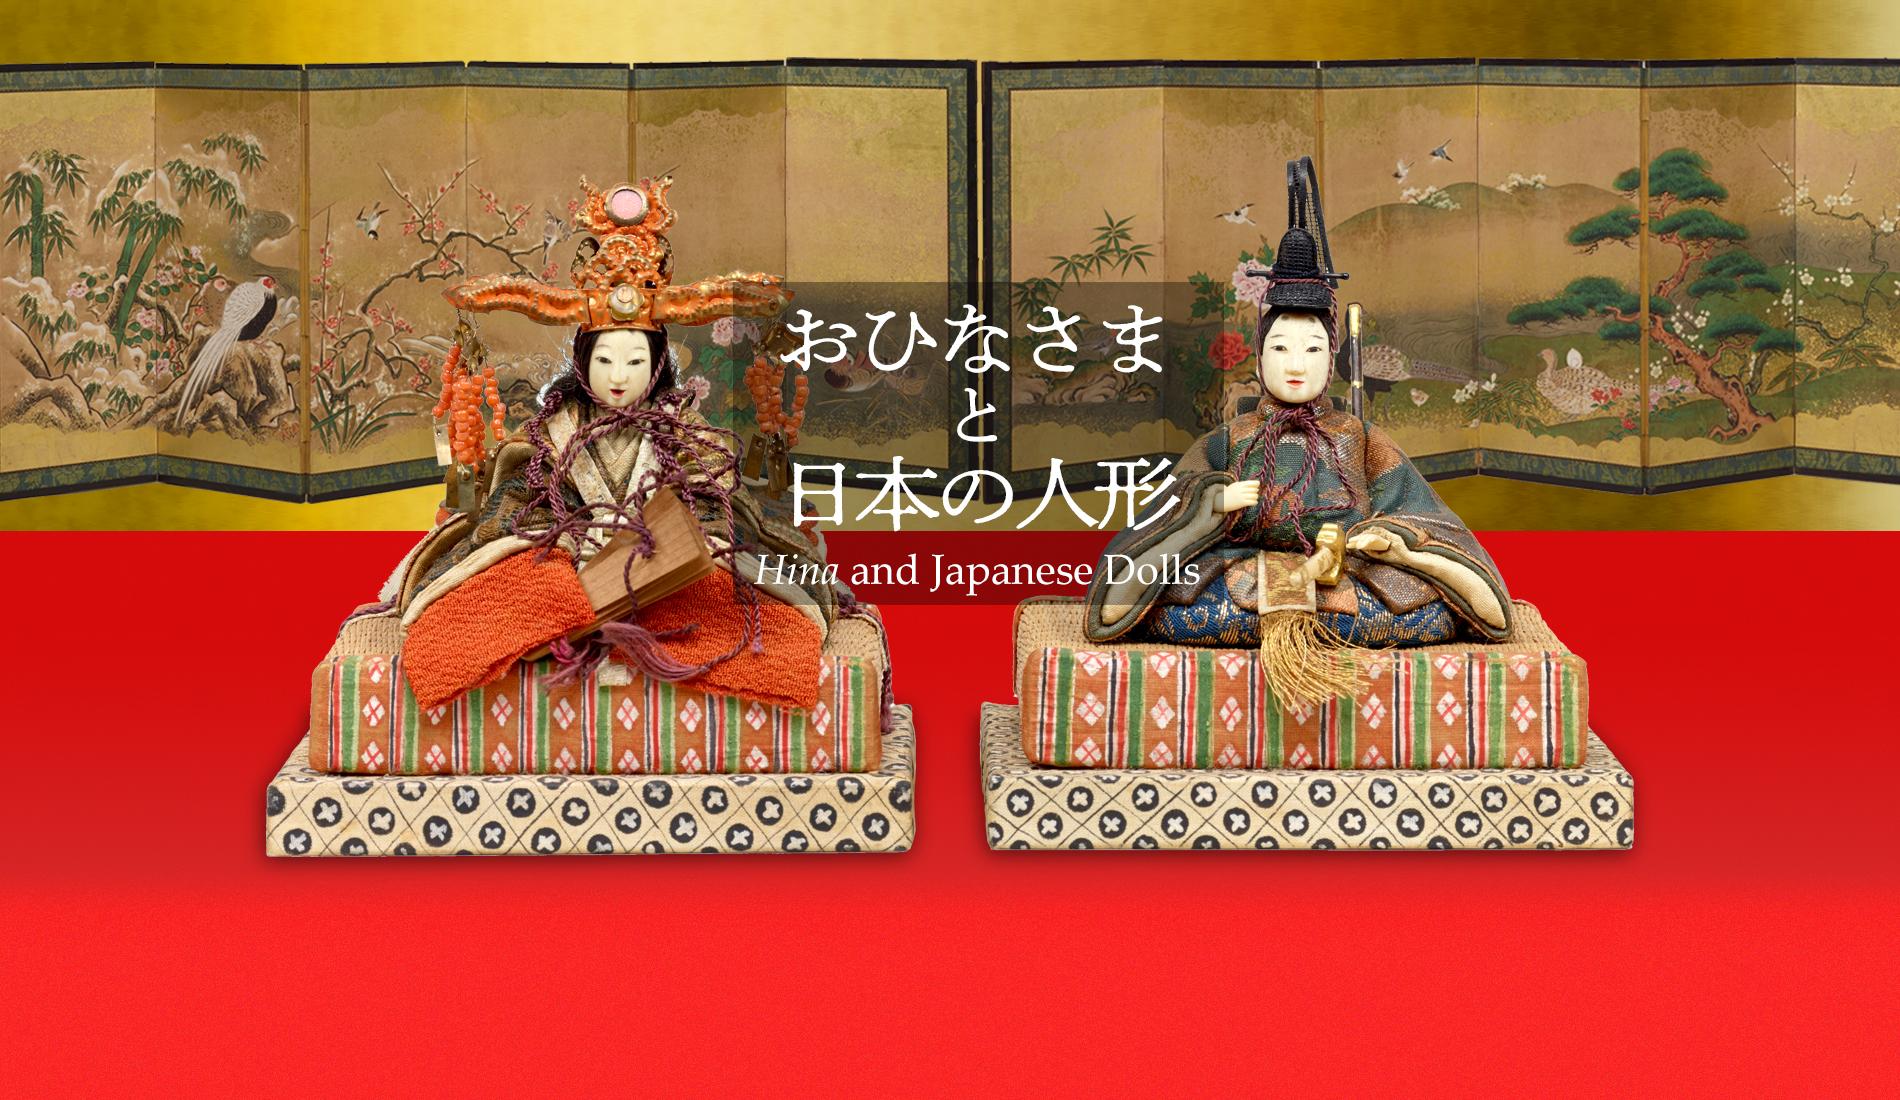 おひなさまと日本の人形